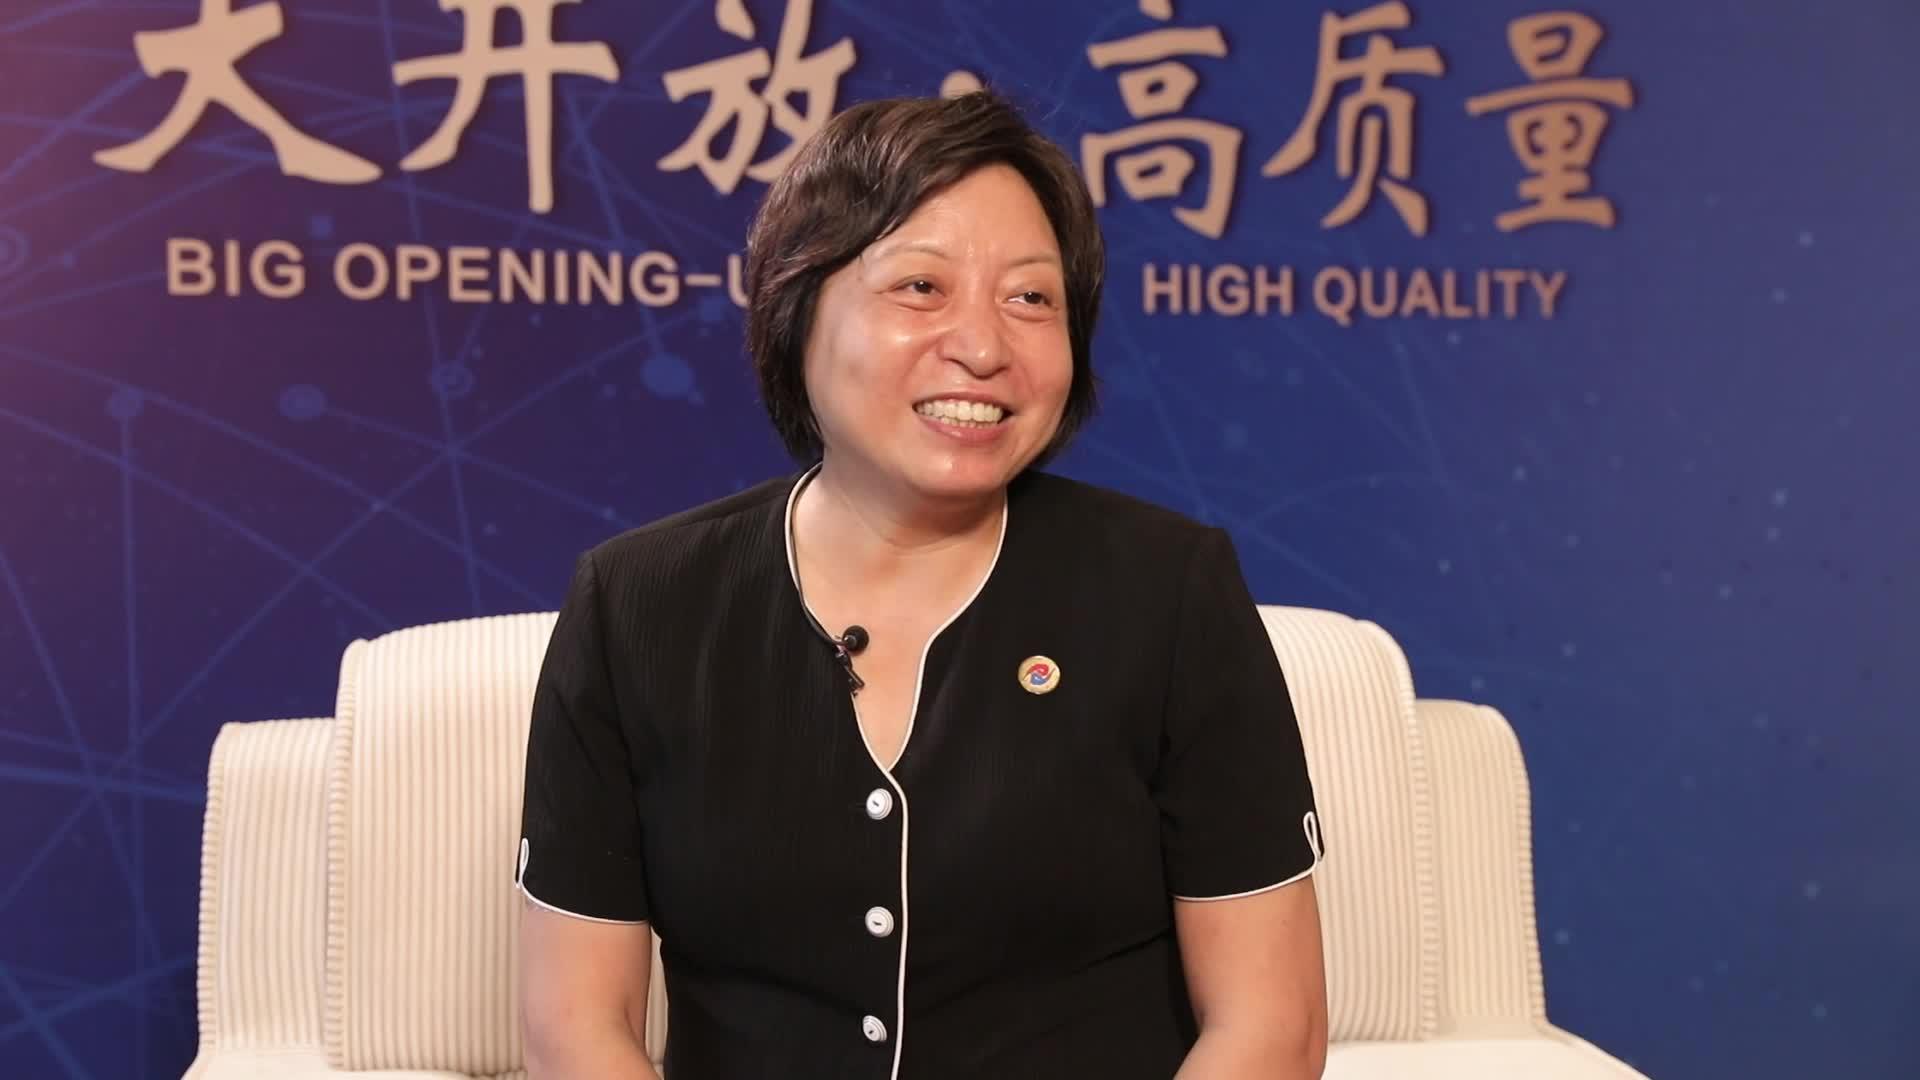 第二十届浙洽会嘉宾访谈——衢州市副市长马梅芝